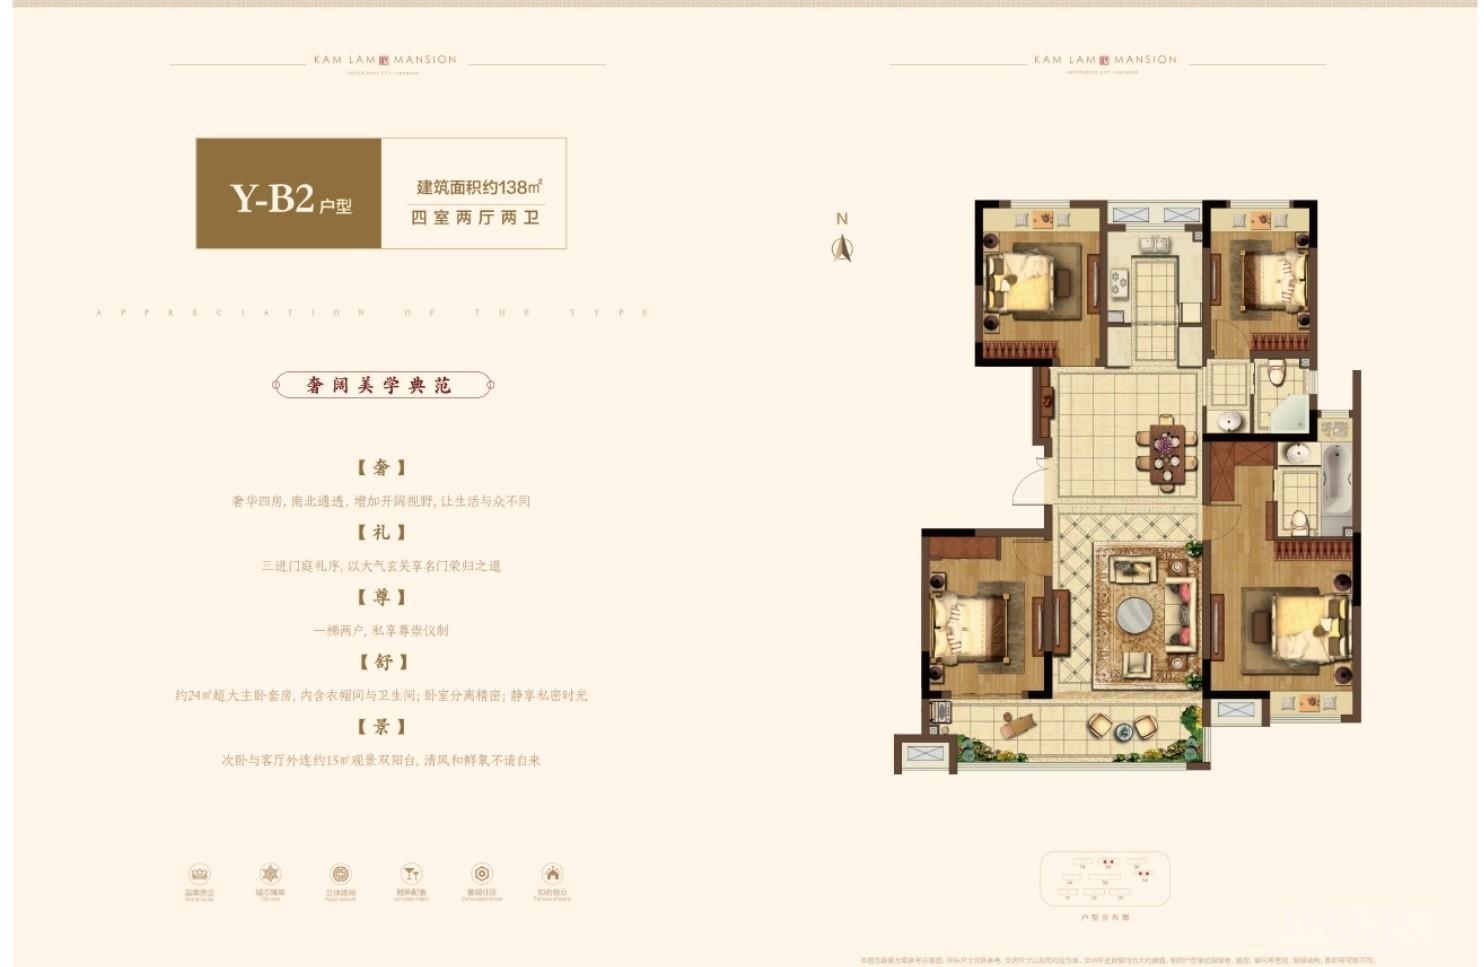 贾汪蓝光锦澜府毛坯小高层和精装洋房、沿街纯一层门面